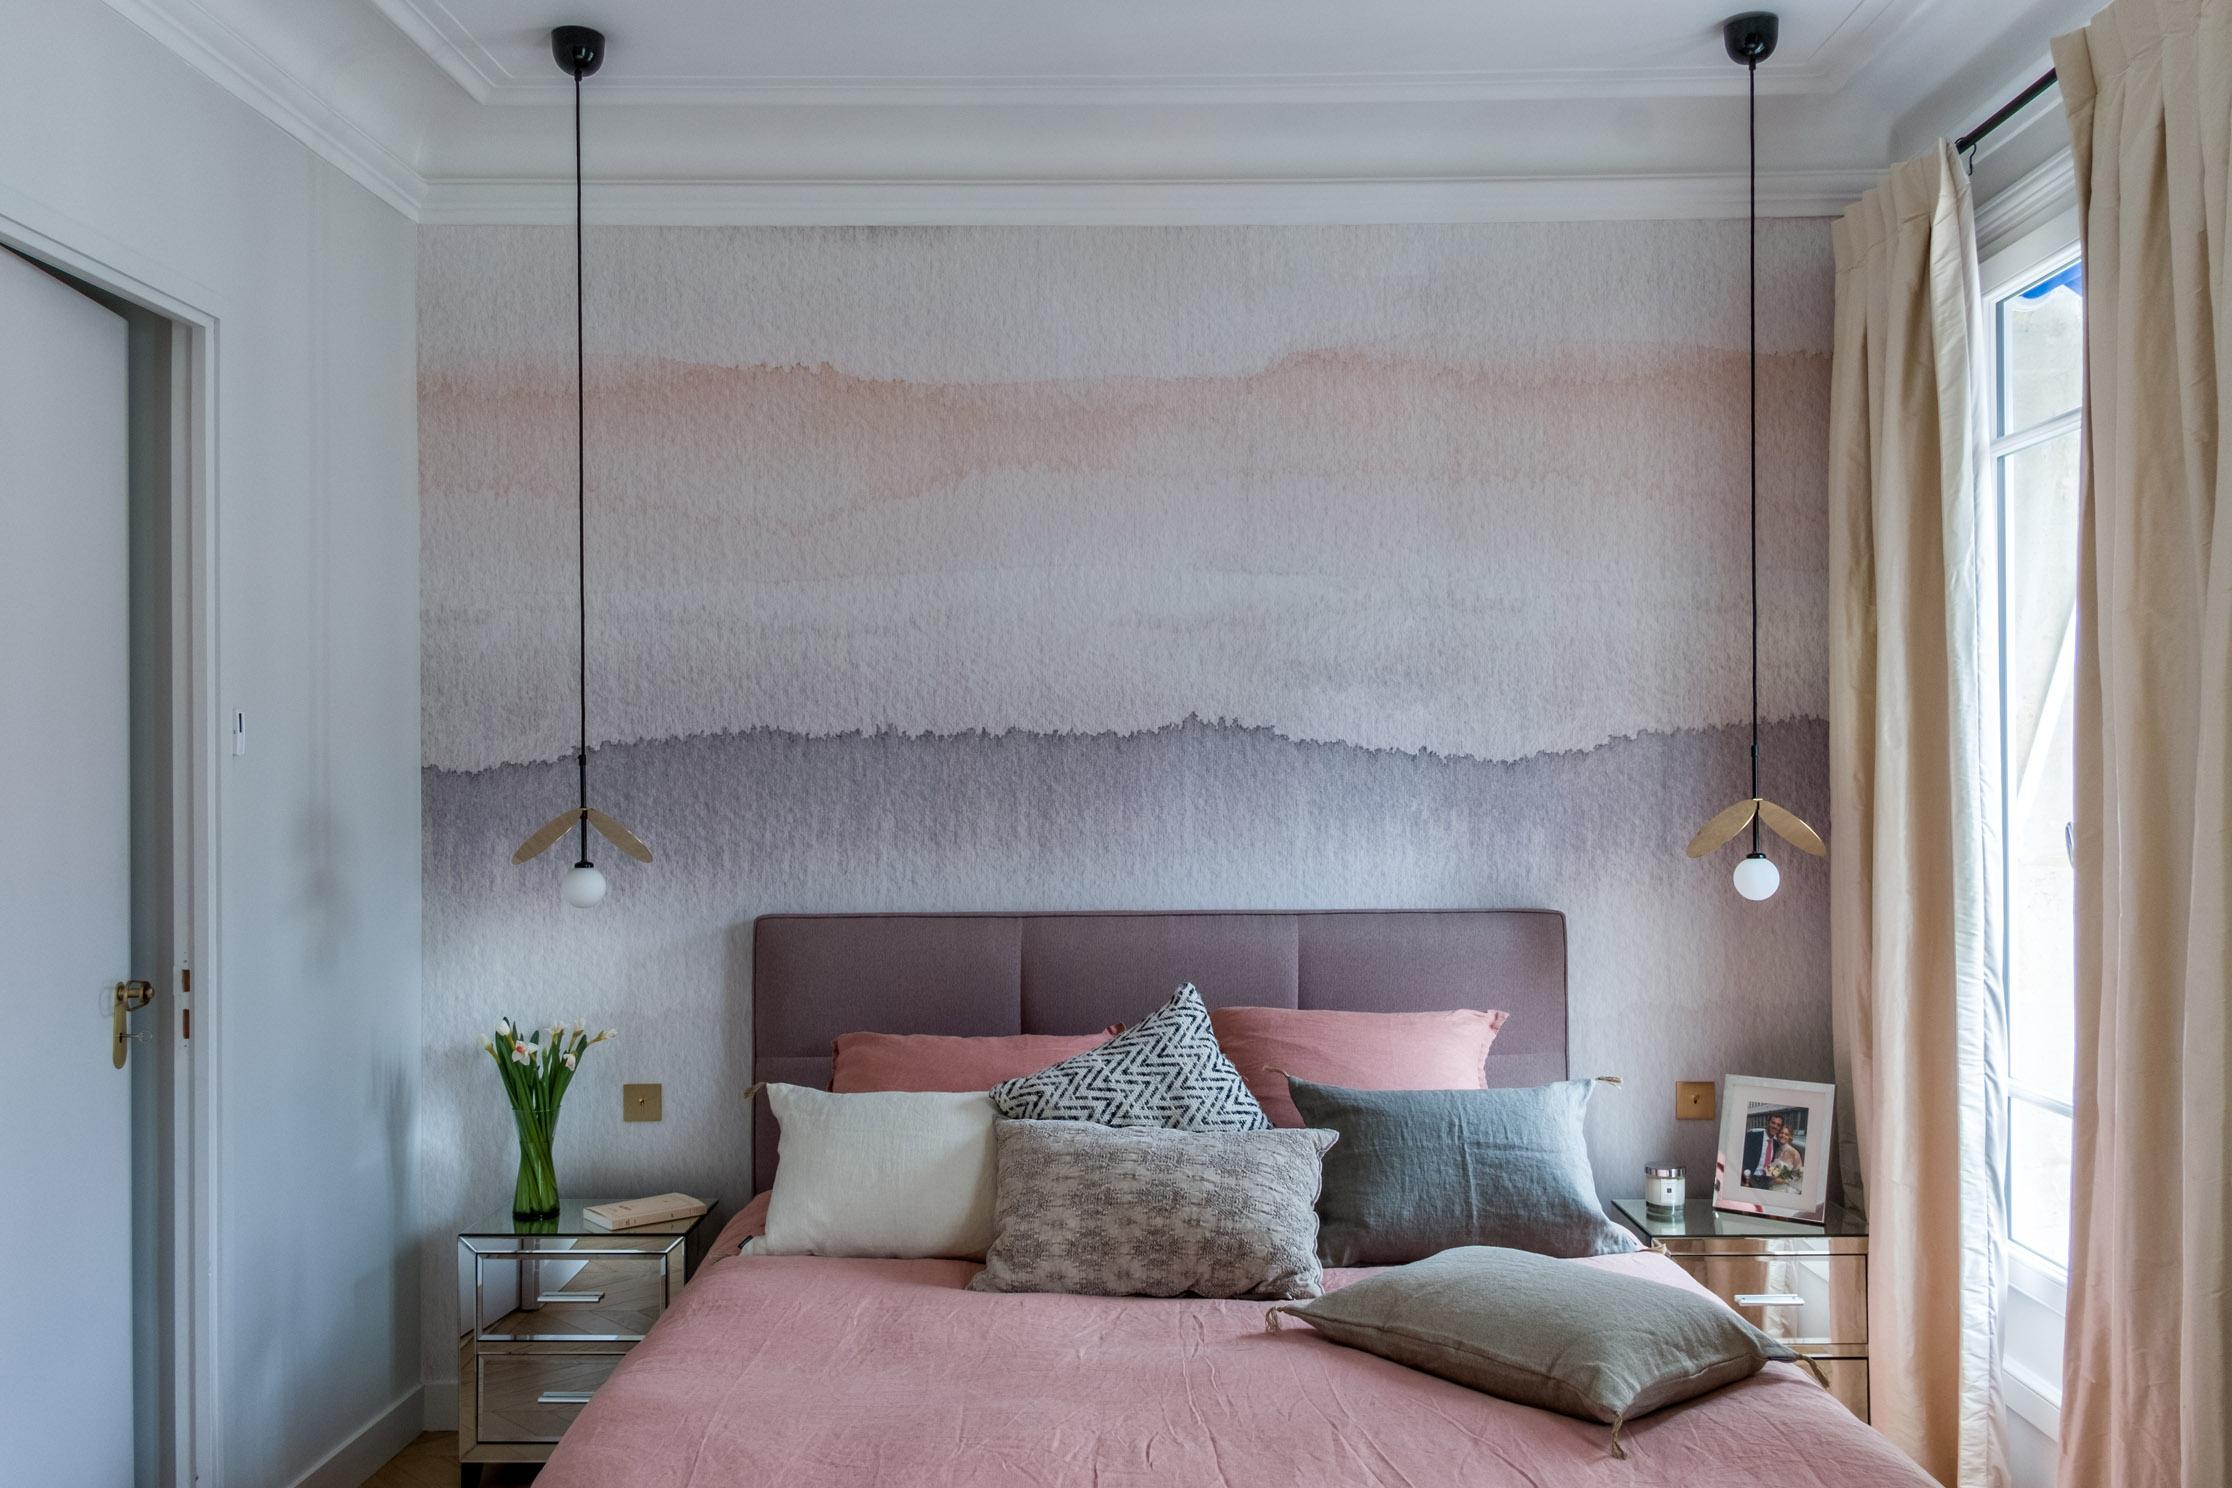 Salle De Bain Japonaise France ~ Ambiance Parisienne Les Plus Beaux Int Rieurs Deco Maison